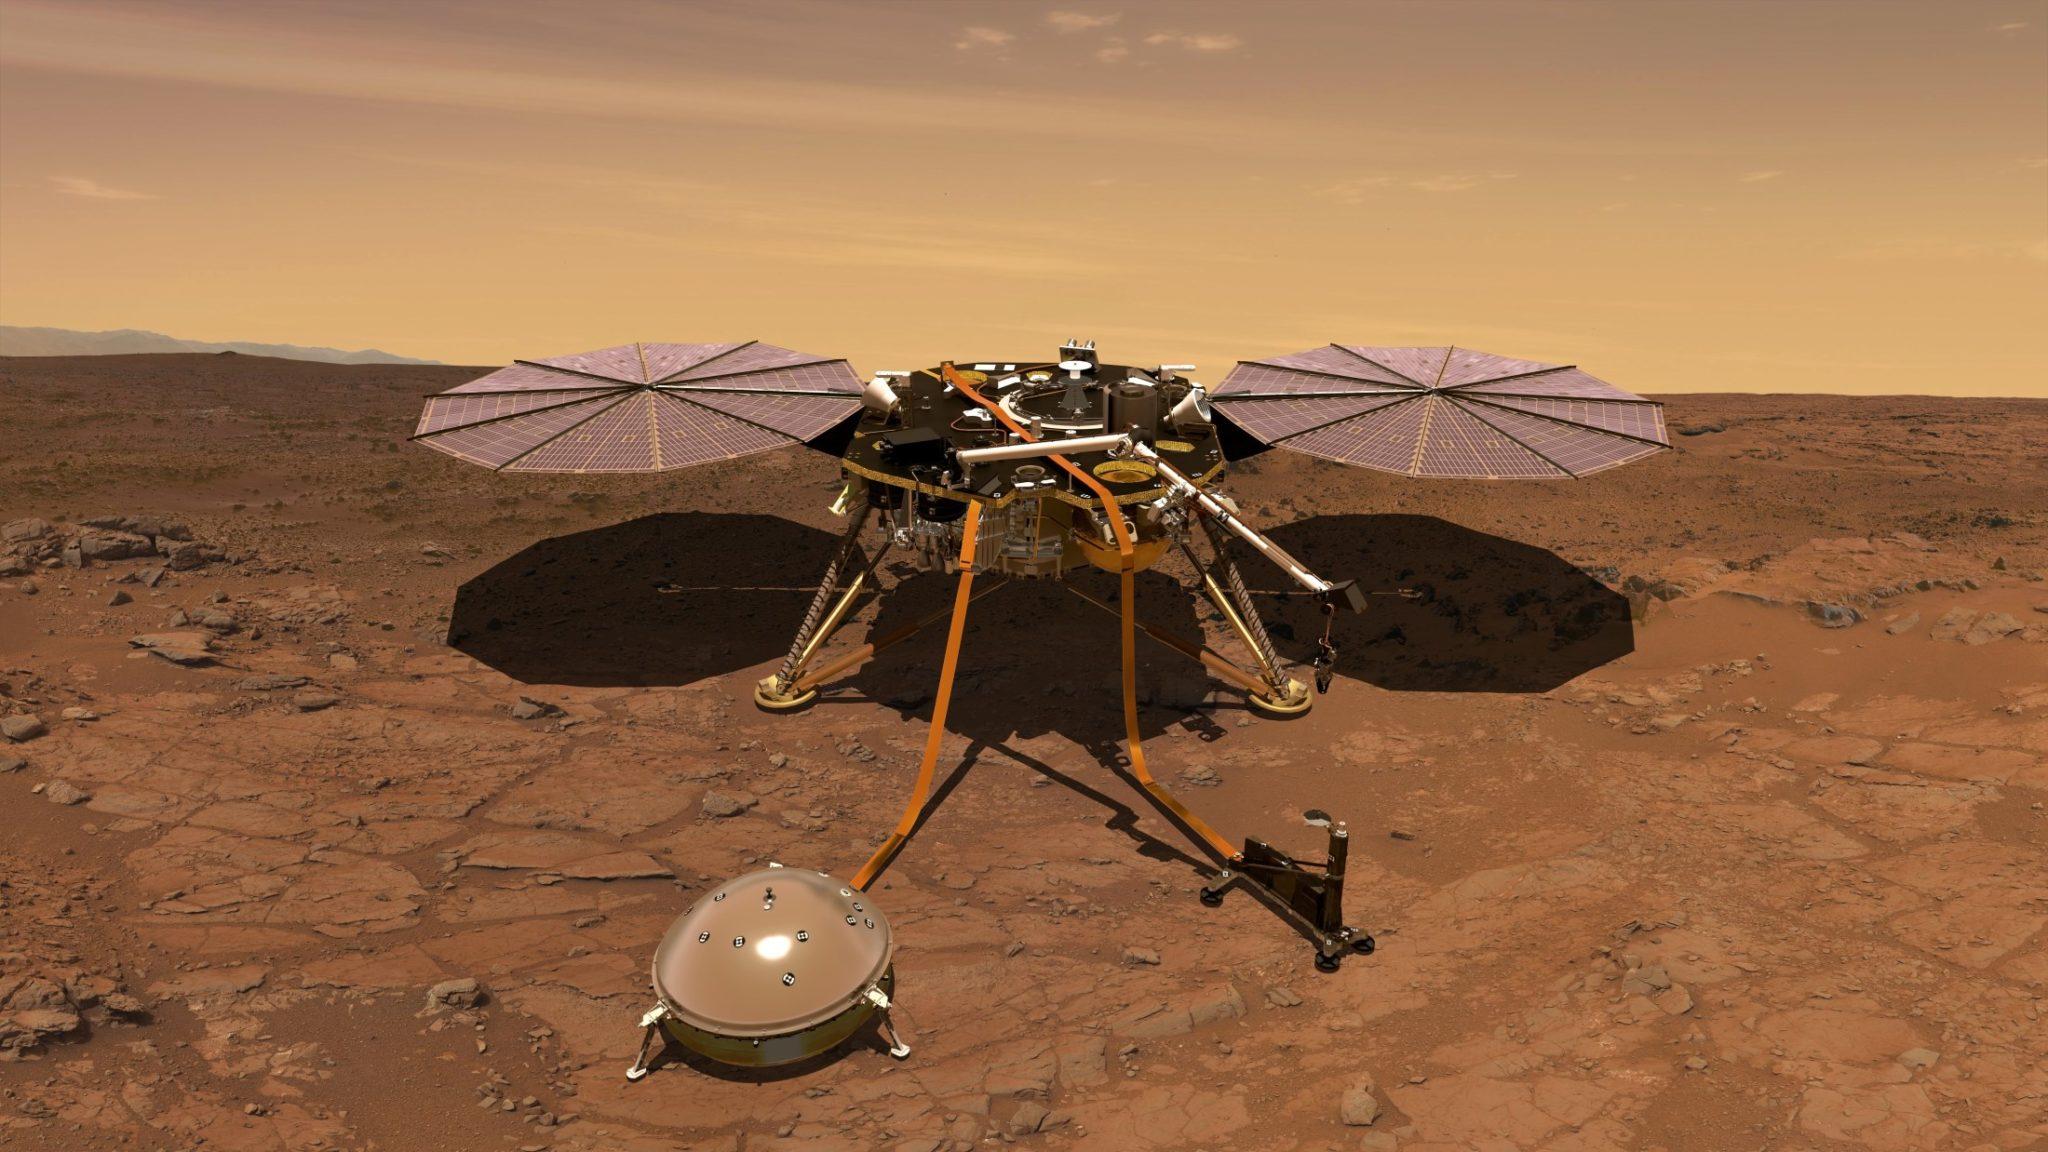 La sonda InSight detecta microterremotos en Marte